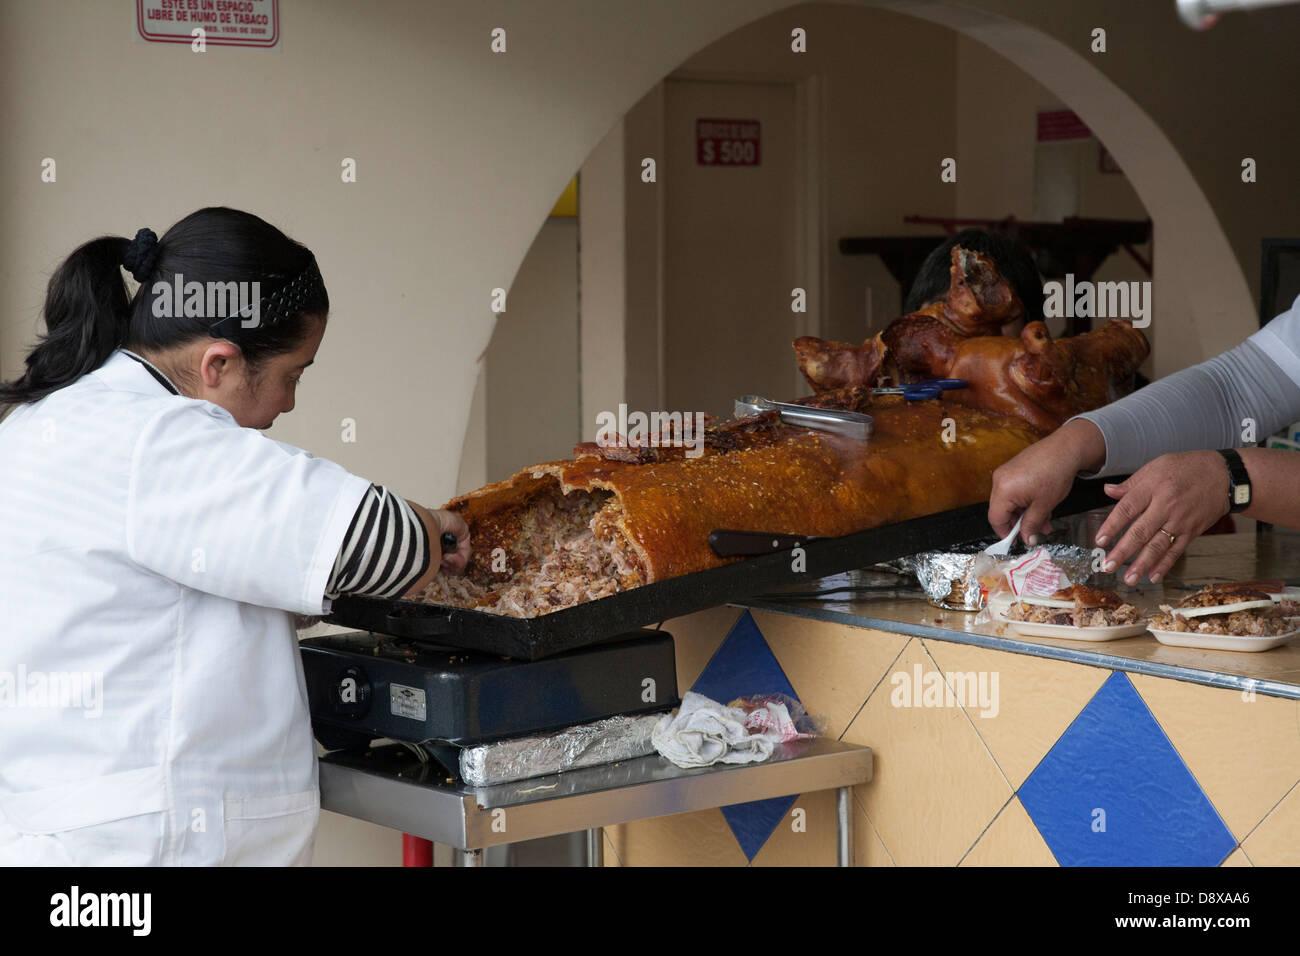 Lechona, maiale farcito con riso e carne, Bogotà, Colombia Immagini Stock